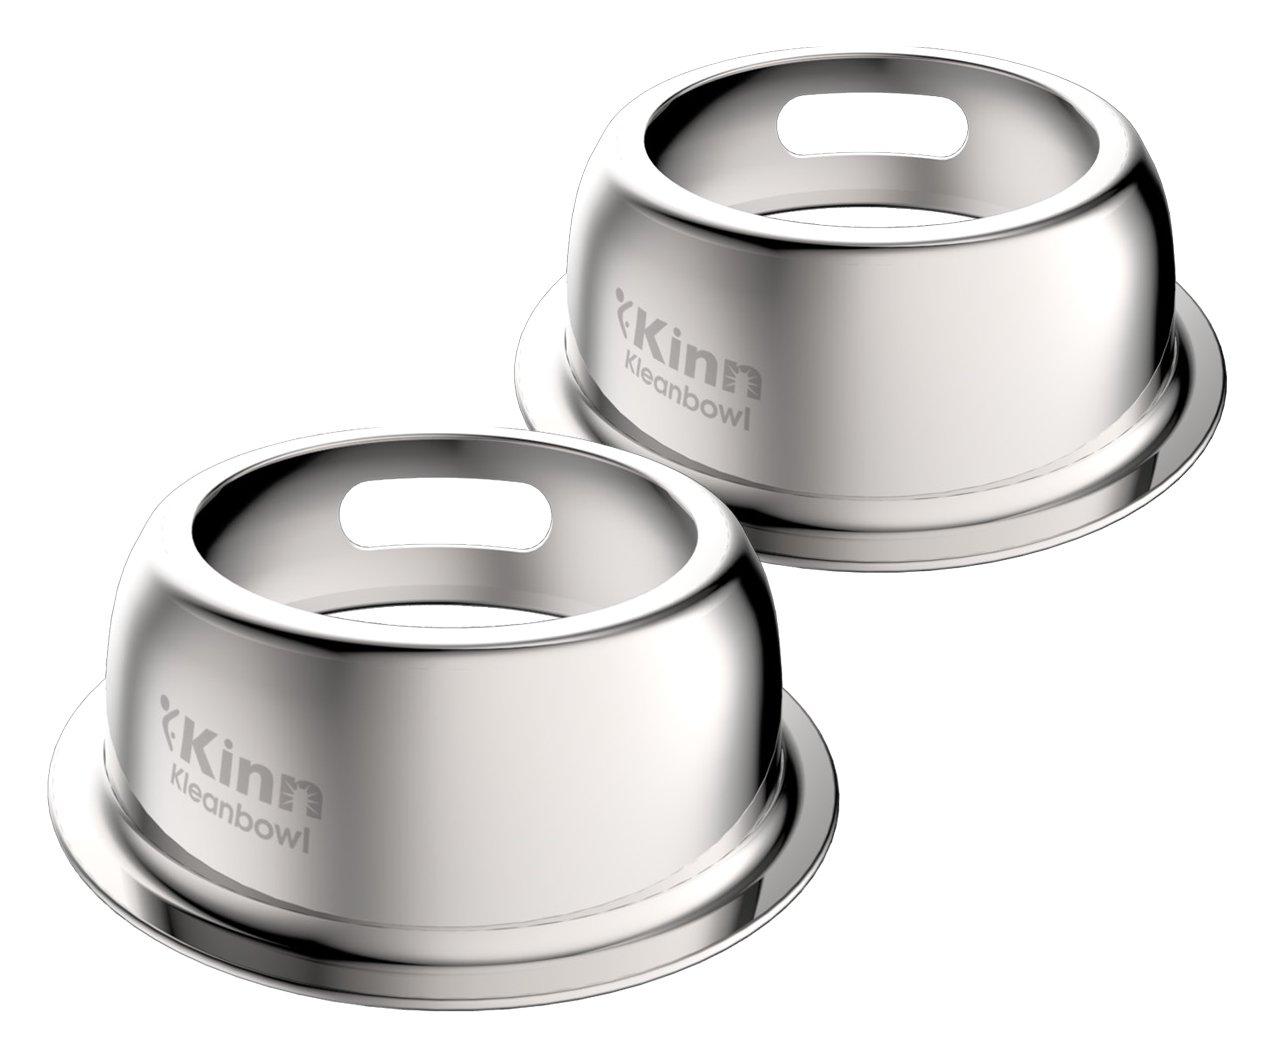 Kinn Kleanbowl – The Healthier, Planet-Friendly, Disposable Pet Bowl, 32oz (4 Cups) - 2 Pack